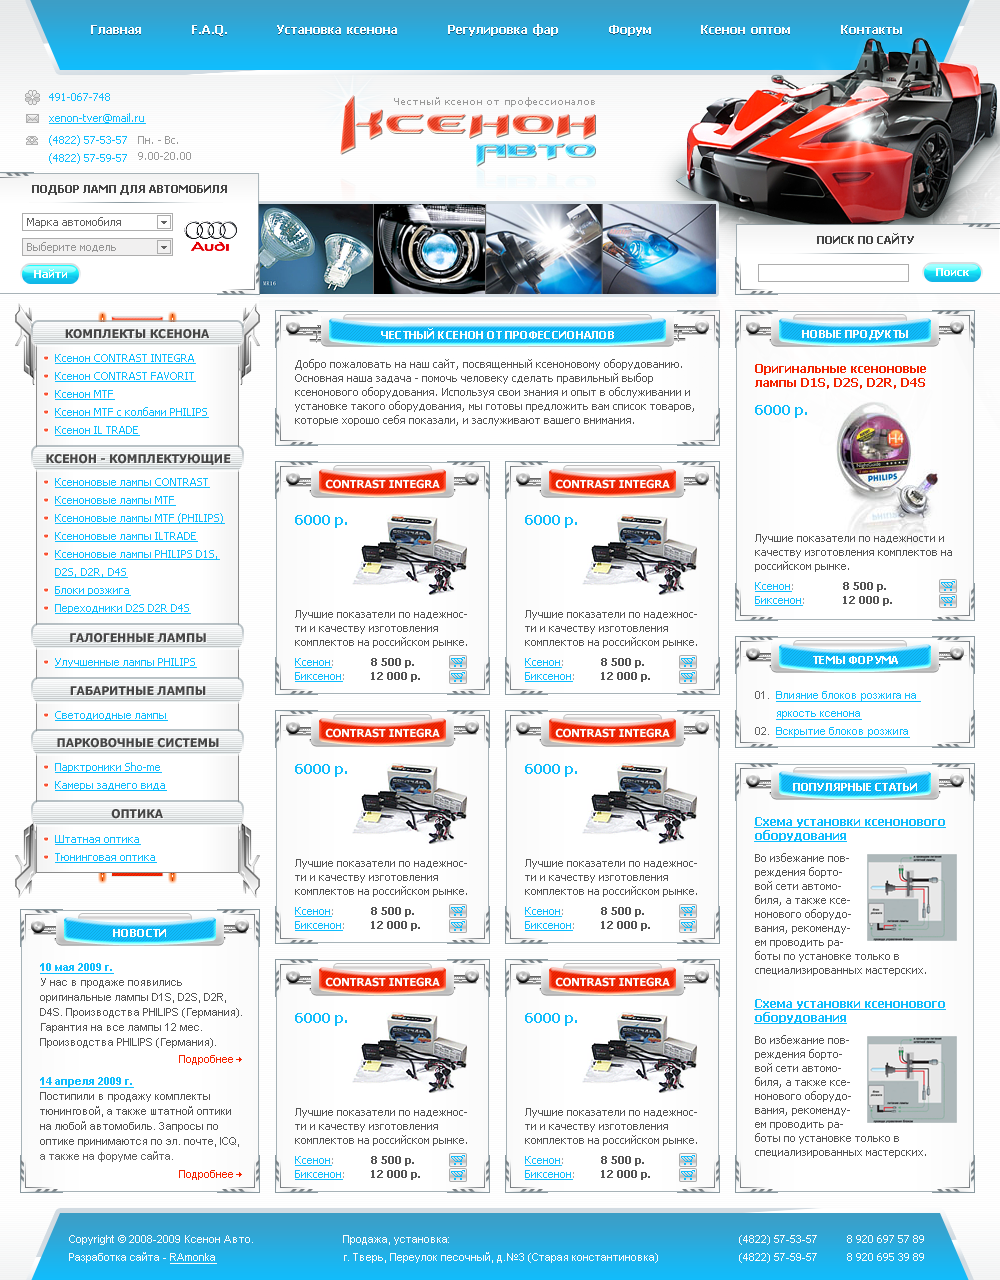 Разработка сайта под ключ на CMS 1C-Битрикс онлайн-магазина ксенонов Ксенон-Авто Тверь